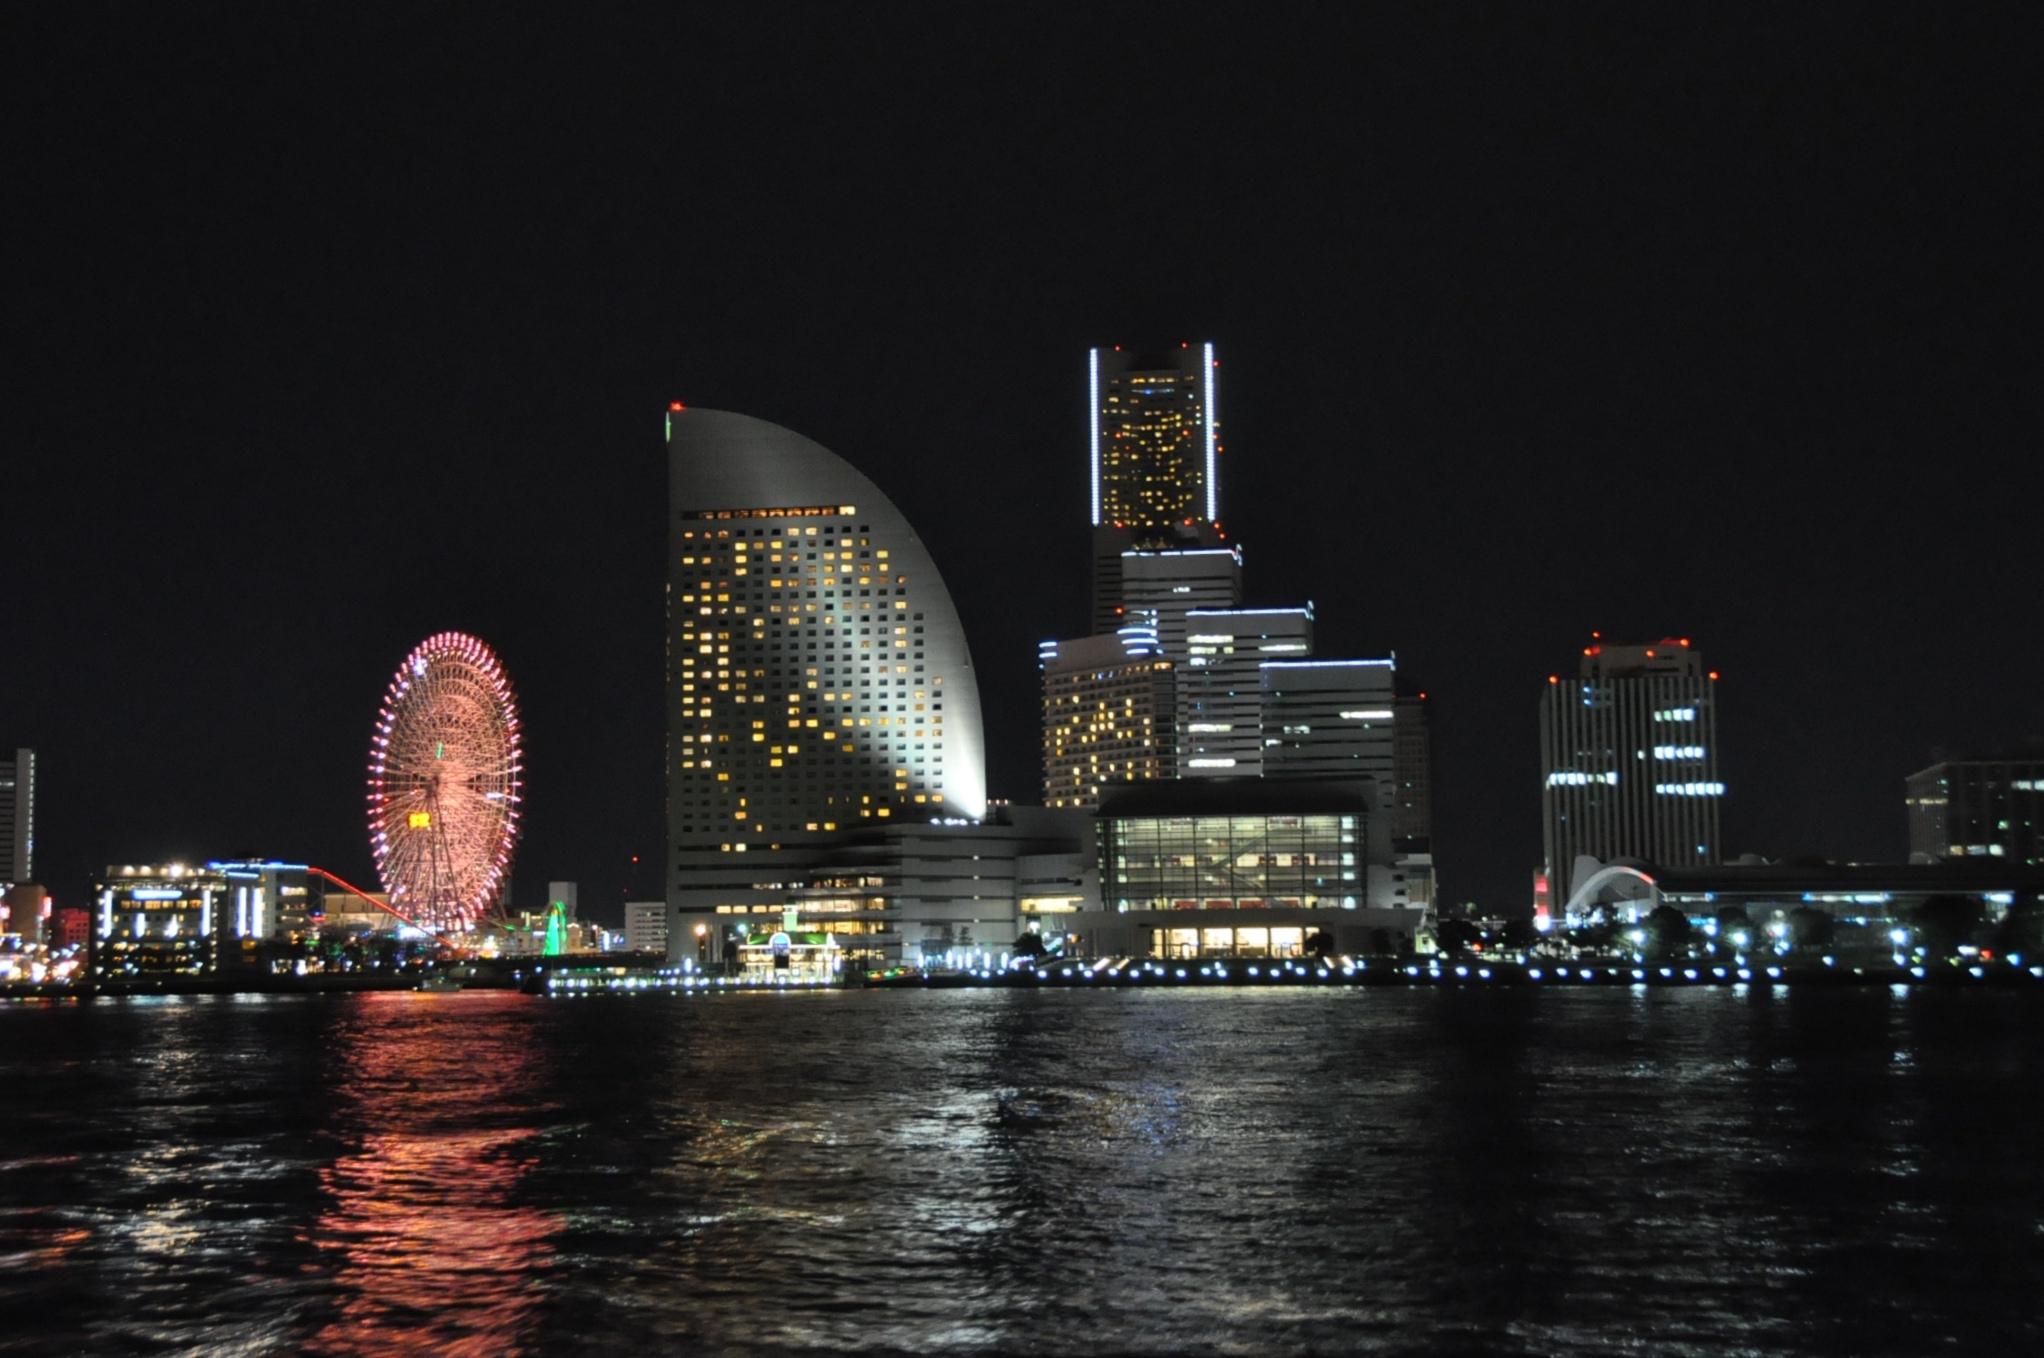 横浜をドライブするなら?夜景がきれいなコースやスポットを紹介!